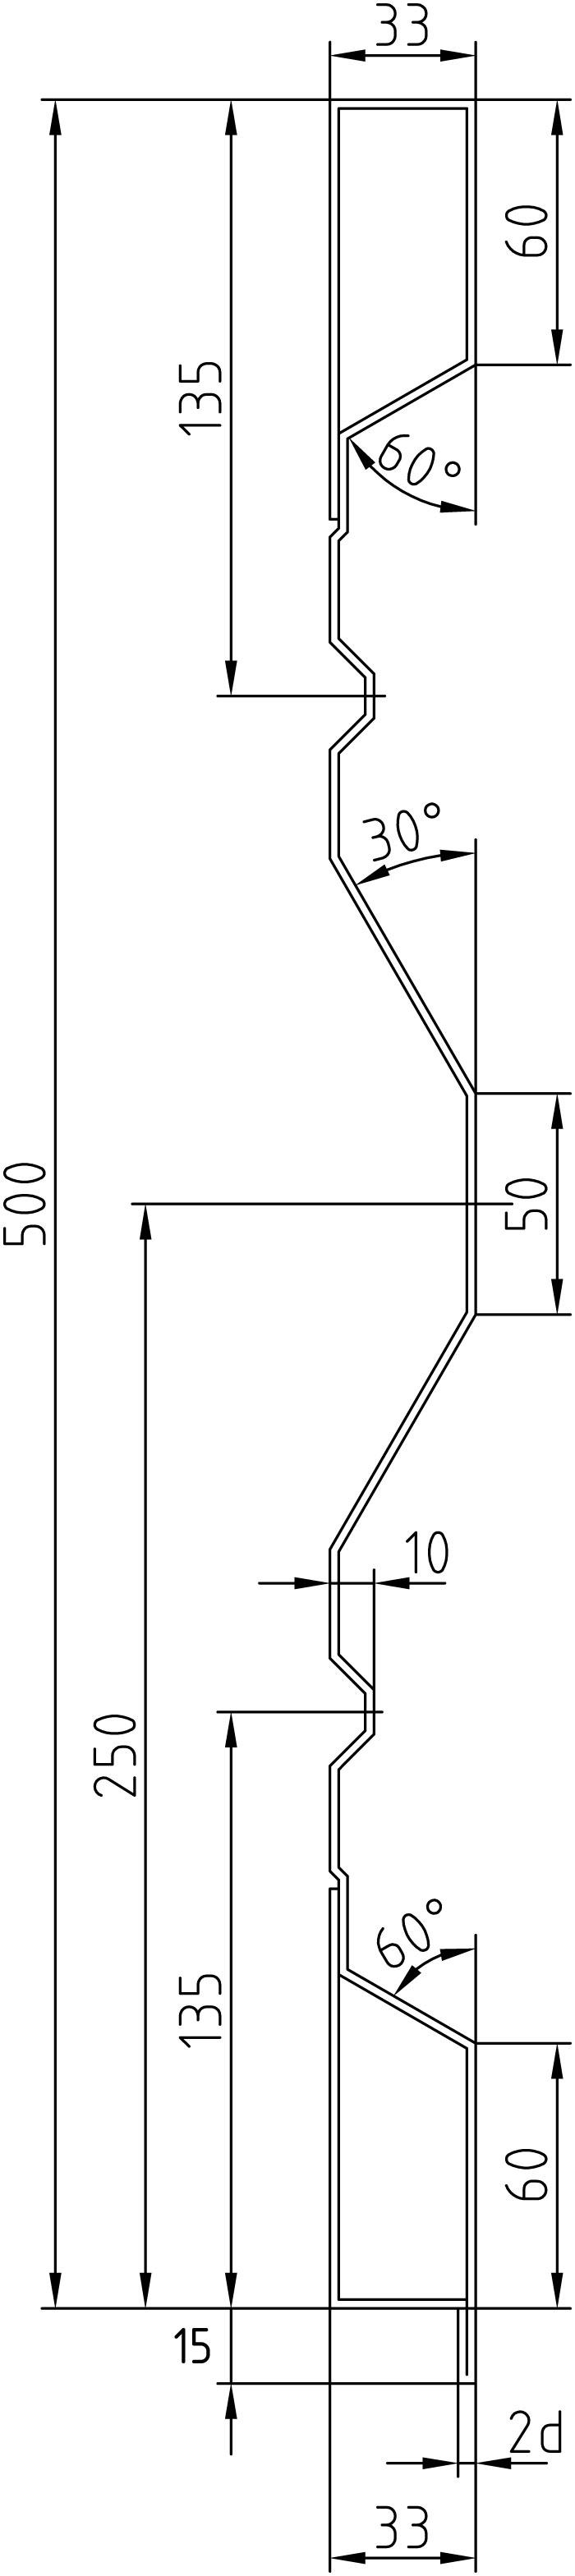 Brantner Kipper und Anhänger - NmE HVN 500x2 2228 Winkel NP 40/20/5